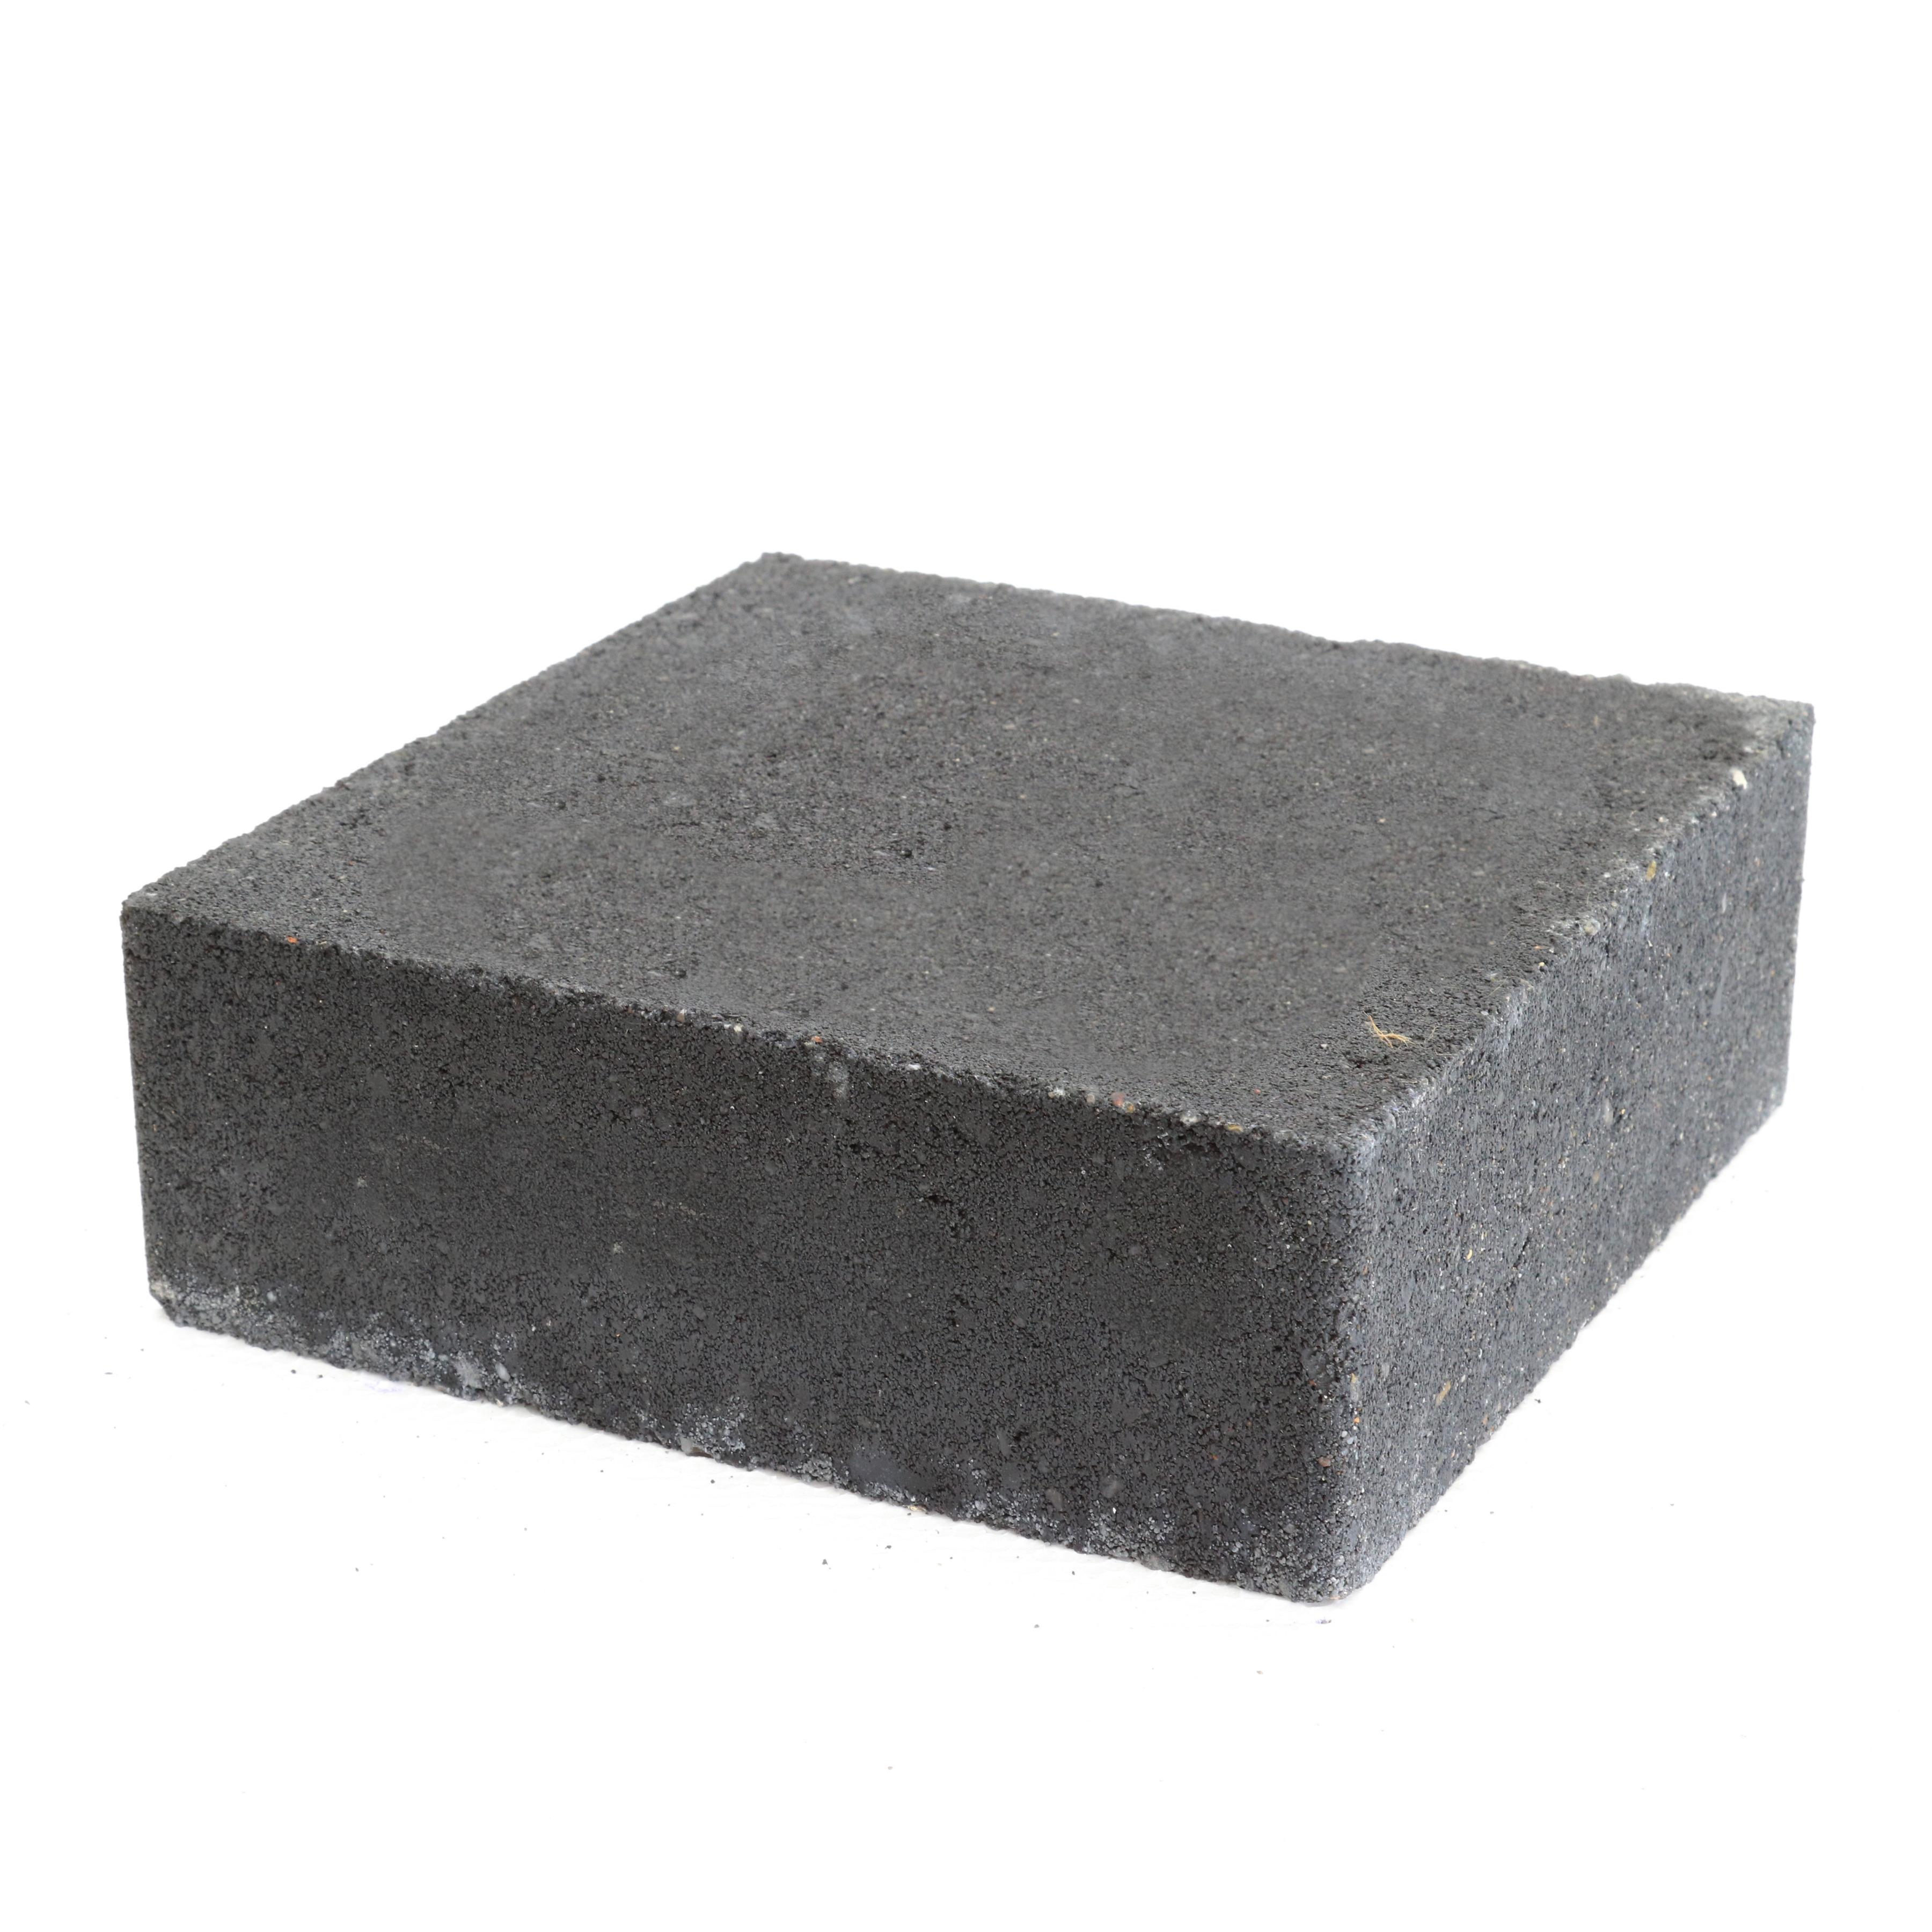 Trommelsteen Beton Plano Antraciet 21x21x7 cm - 162 Stuks - 6,48 m2